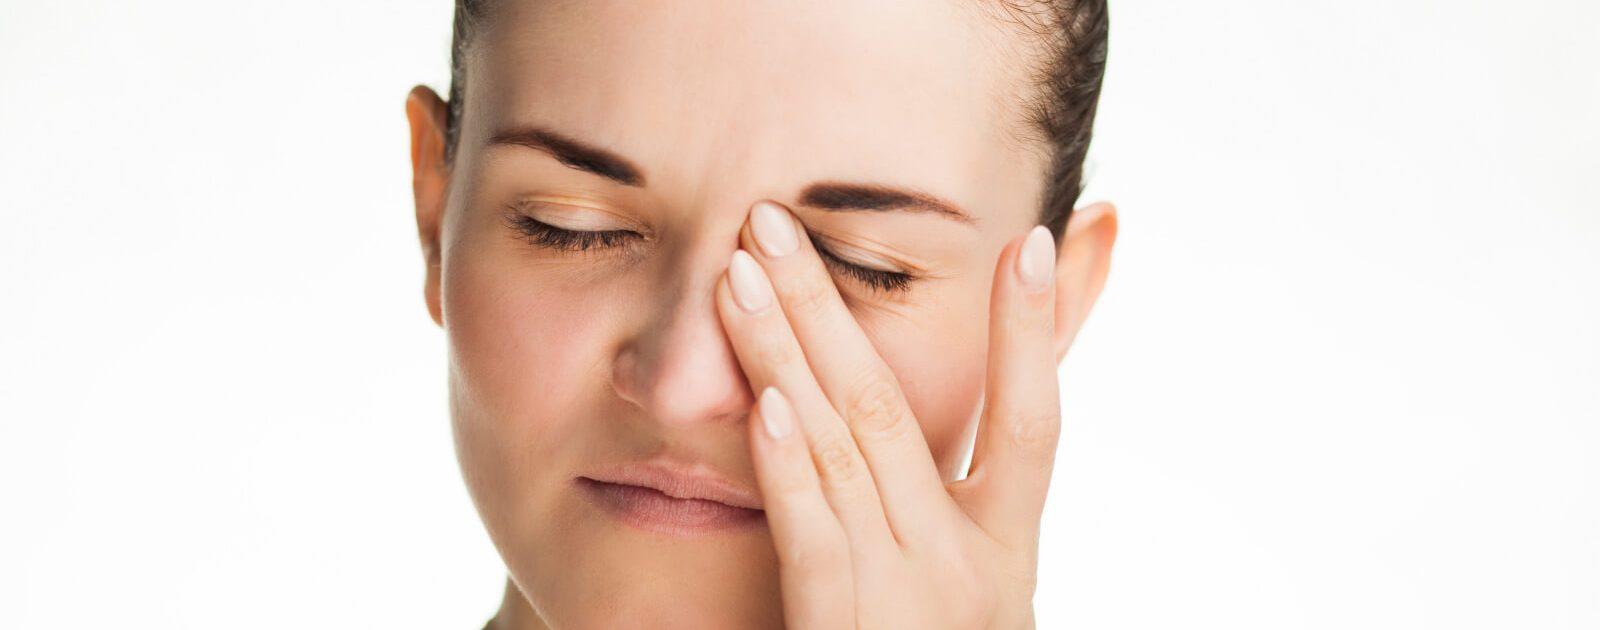 Eine Frau mit einer Trigeminusneuralgie hält sich das schmerzende Gesicht